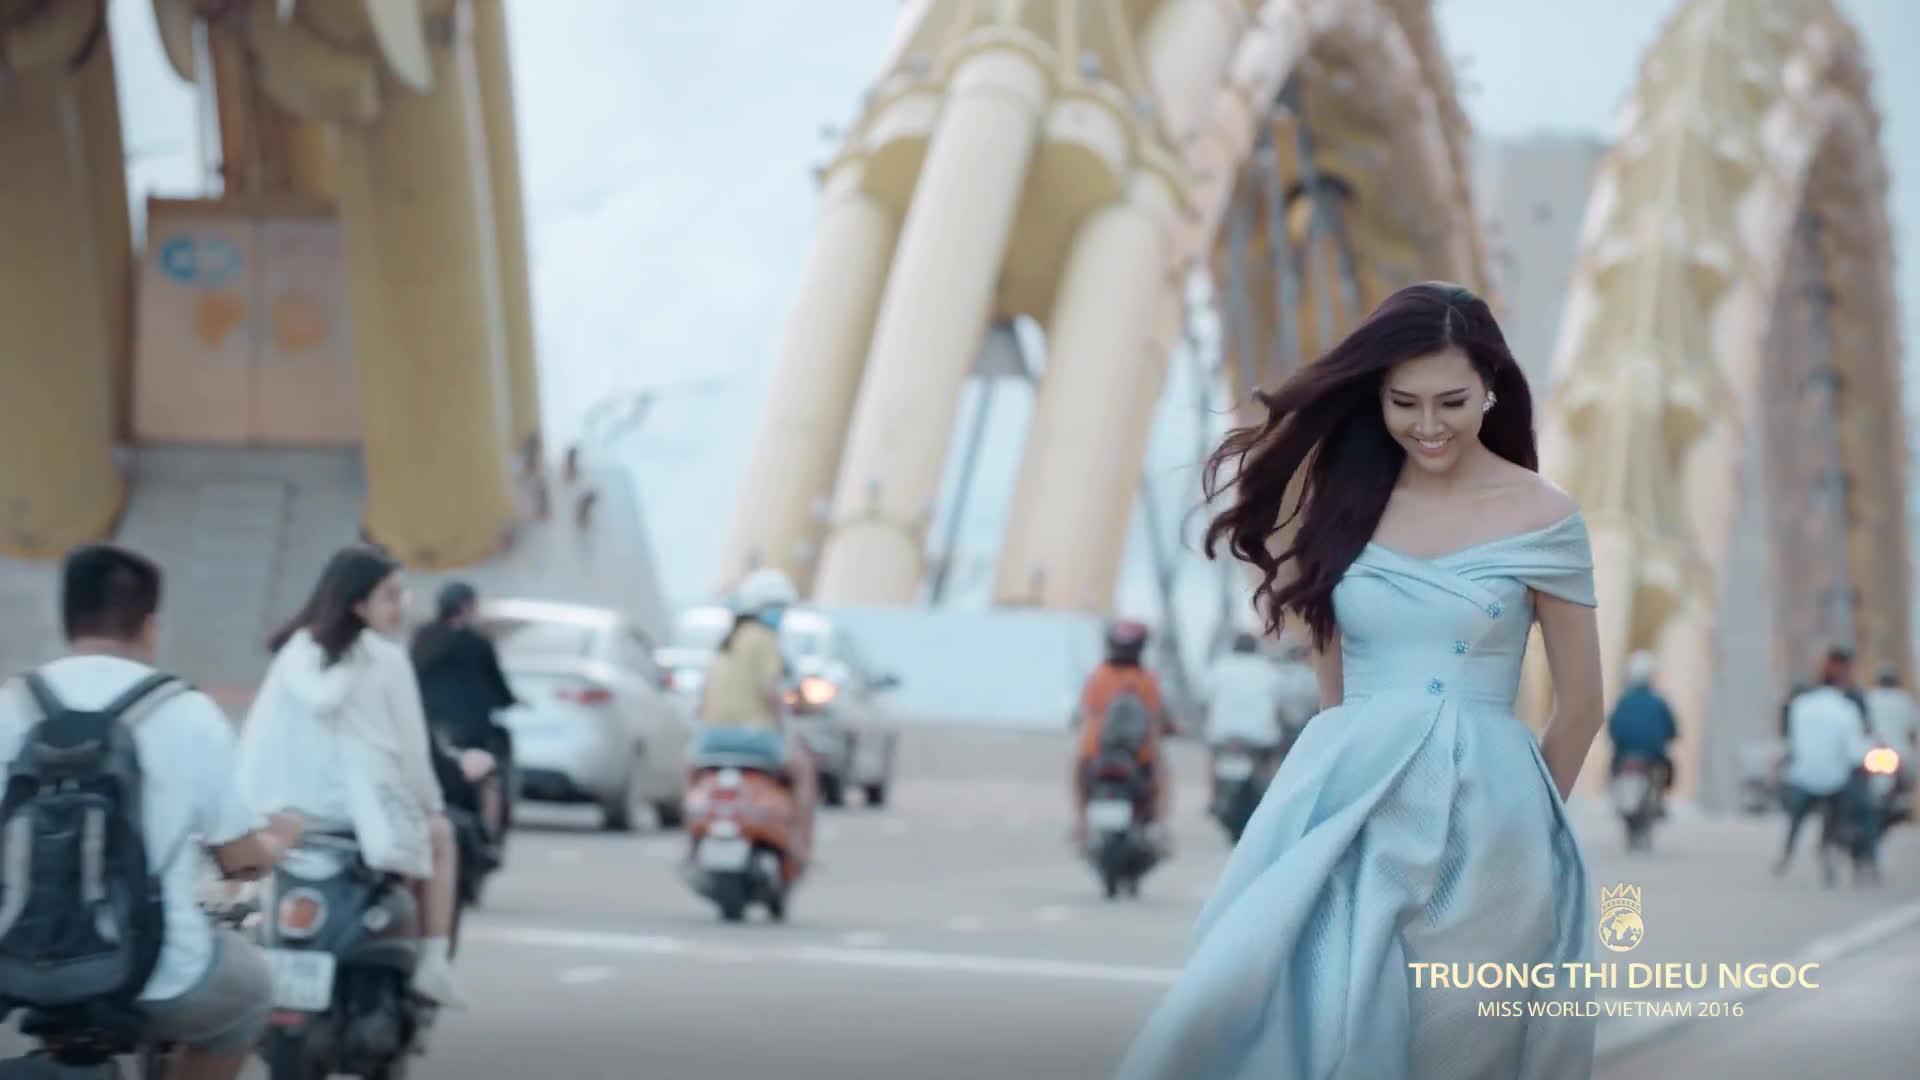 Hoa khôi Diệu Ngọc chính thức được cấp phép dự thi Miss World 2016 ảnh 2